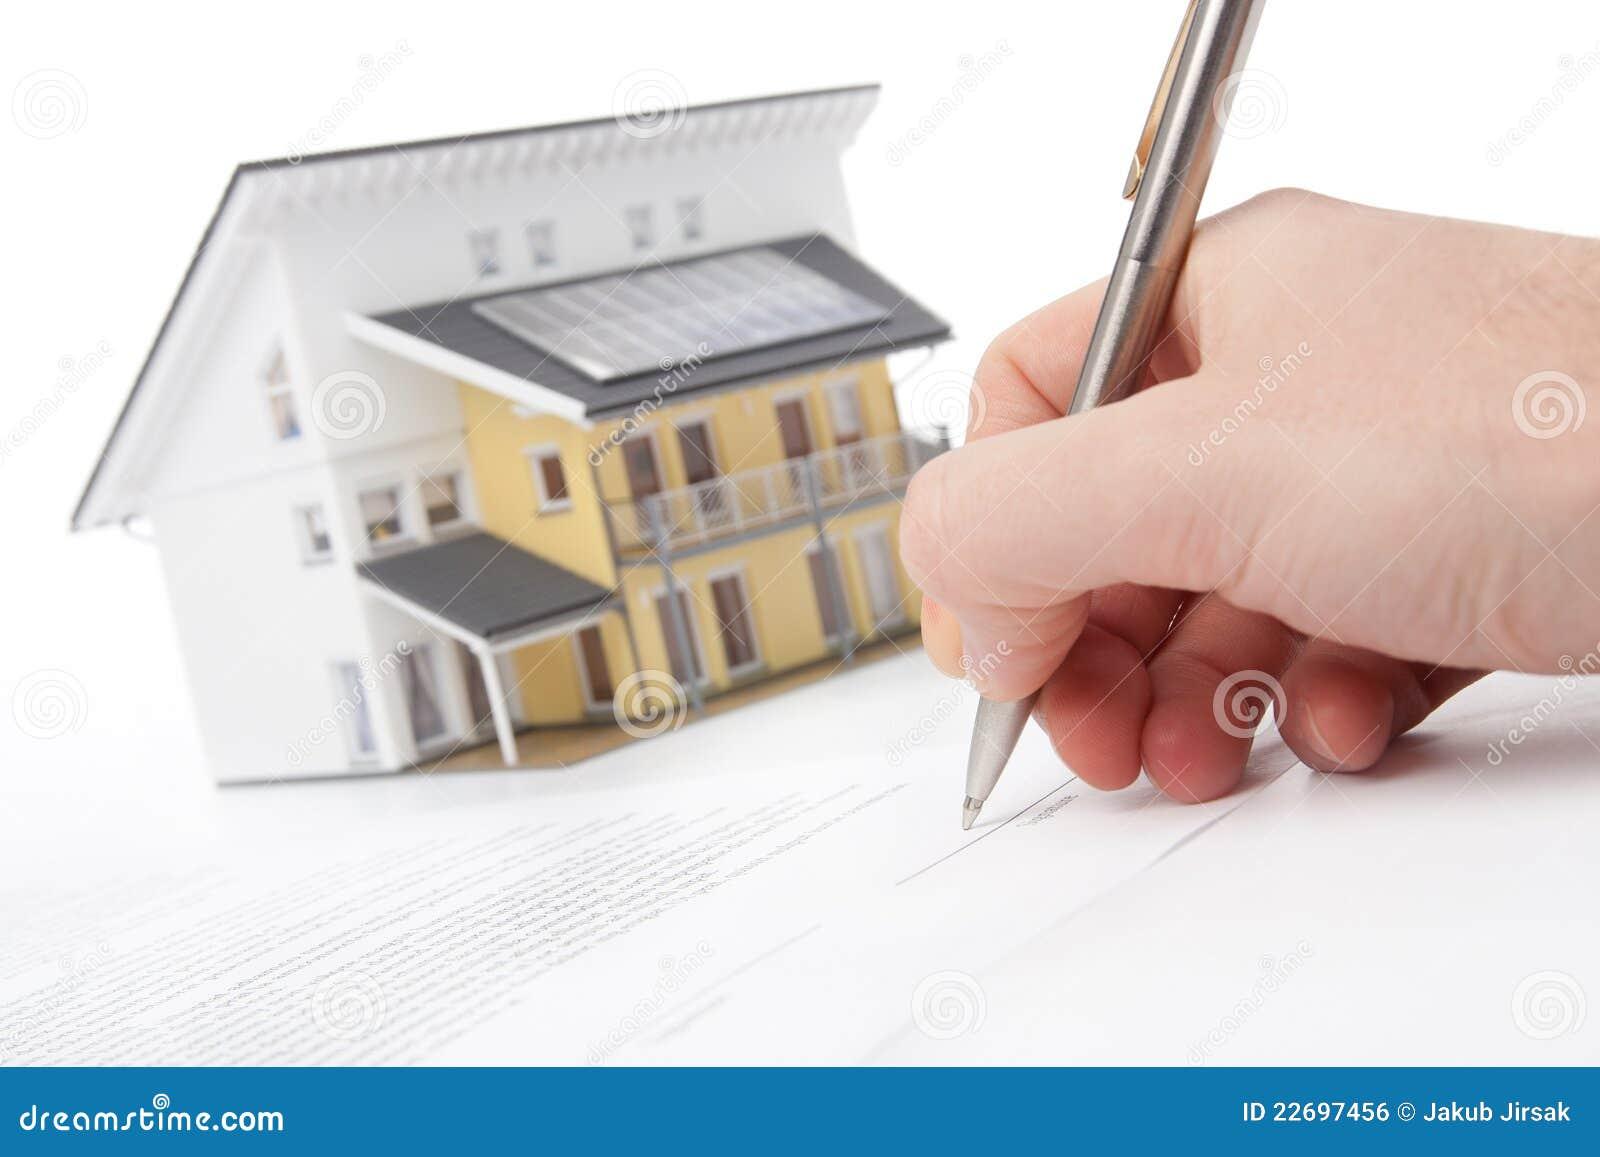 Contrato de la hipoteca imagen de archivo libre de for Contrato de hipoteca